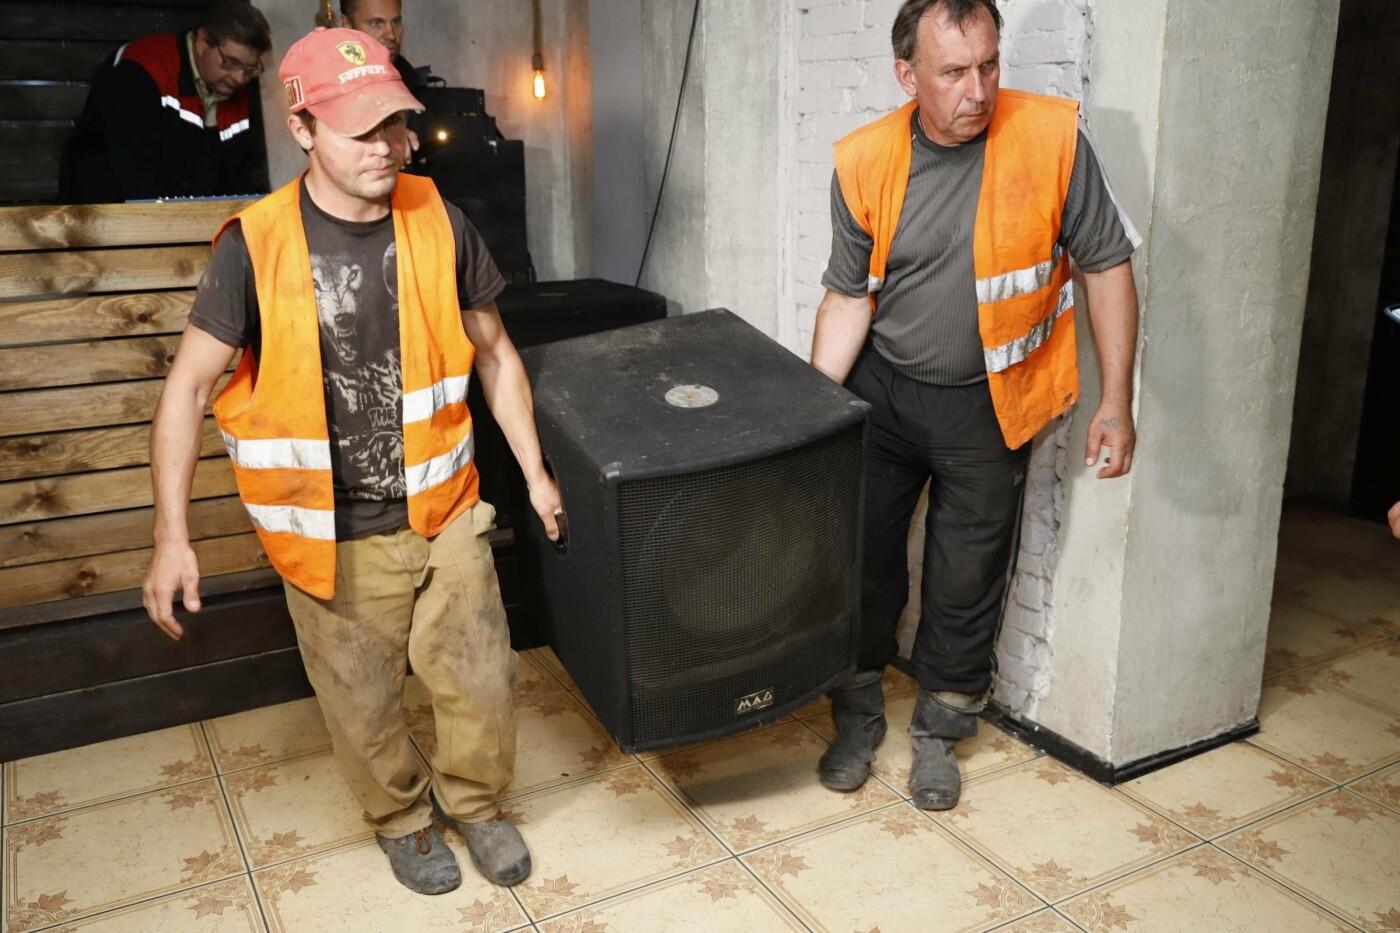 В Днепре продолжается борьба с шумом: в заведениях изымают технику, - ФОТО, фото-2